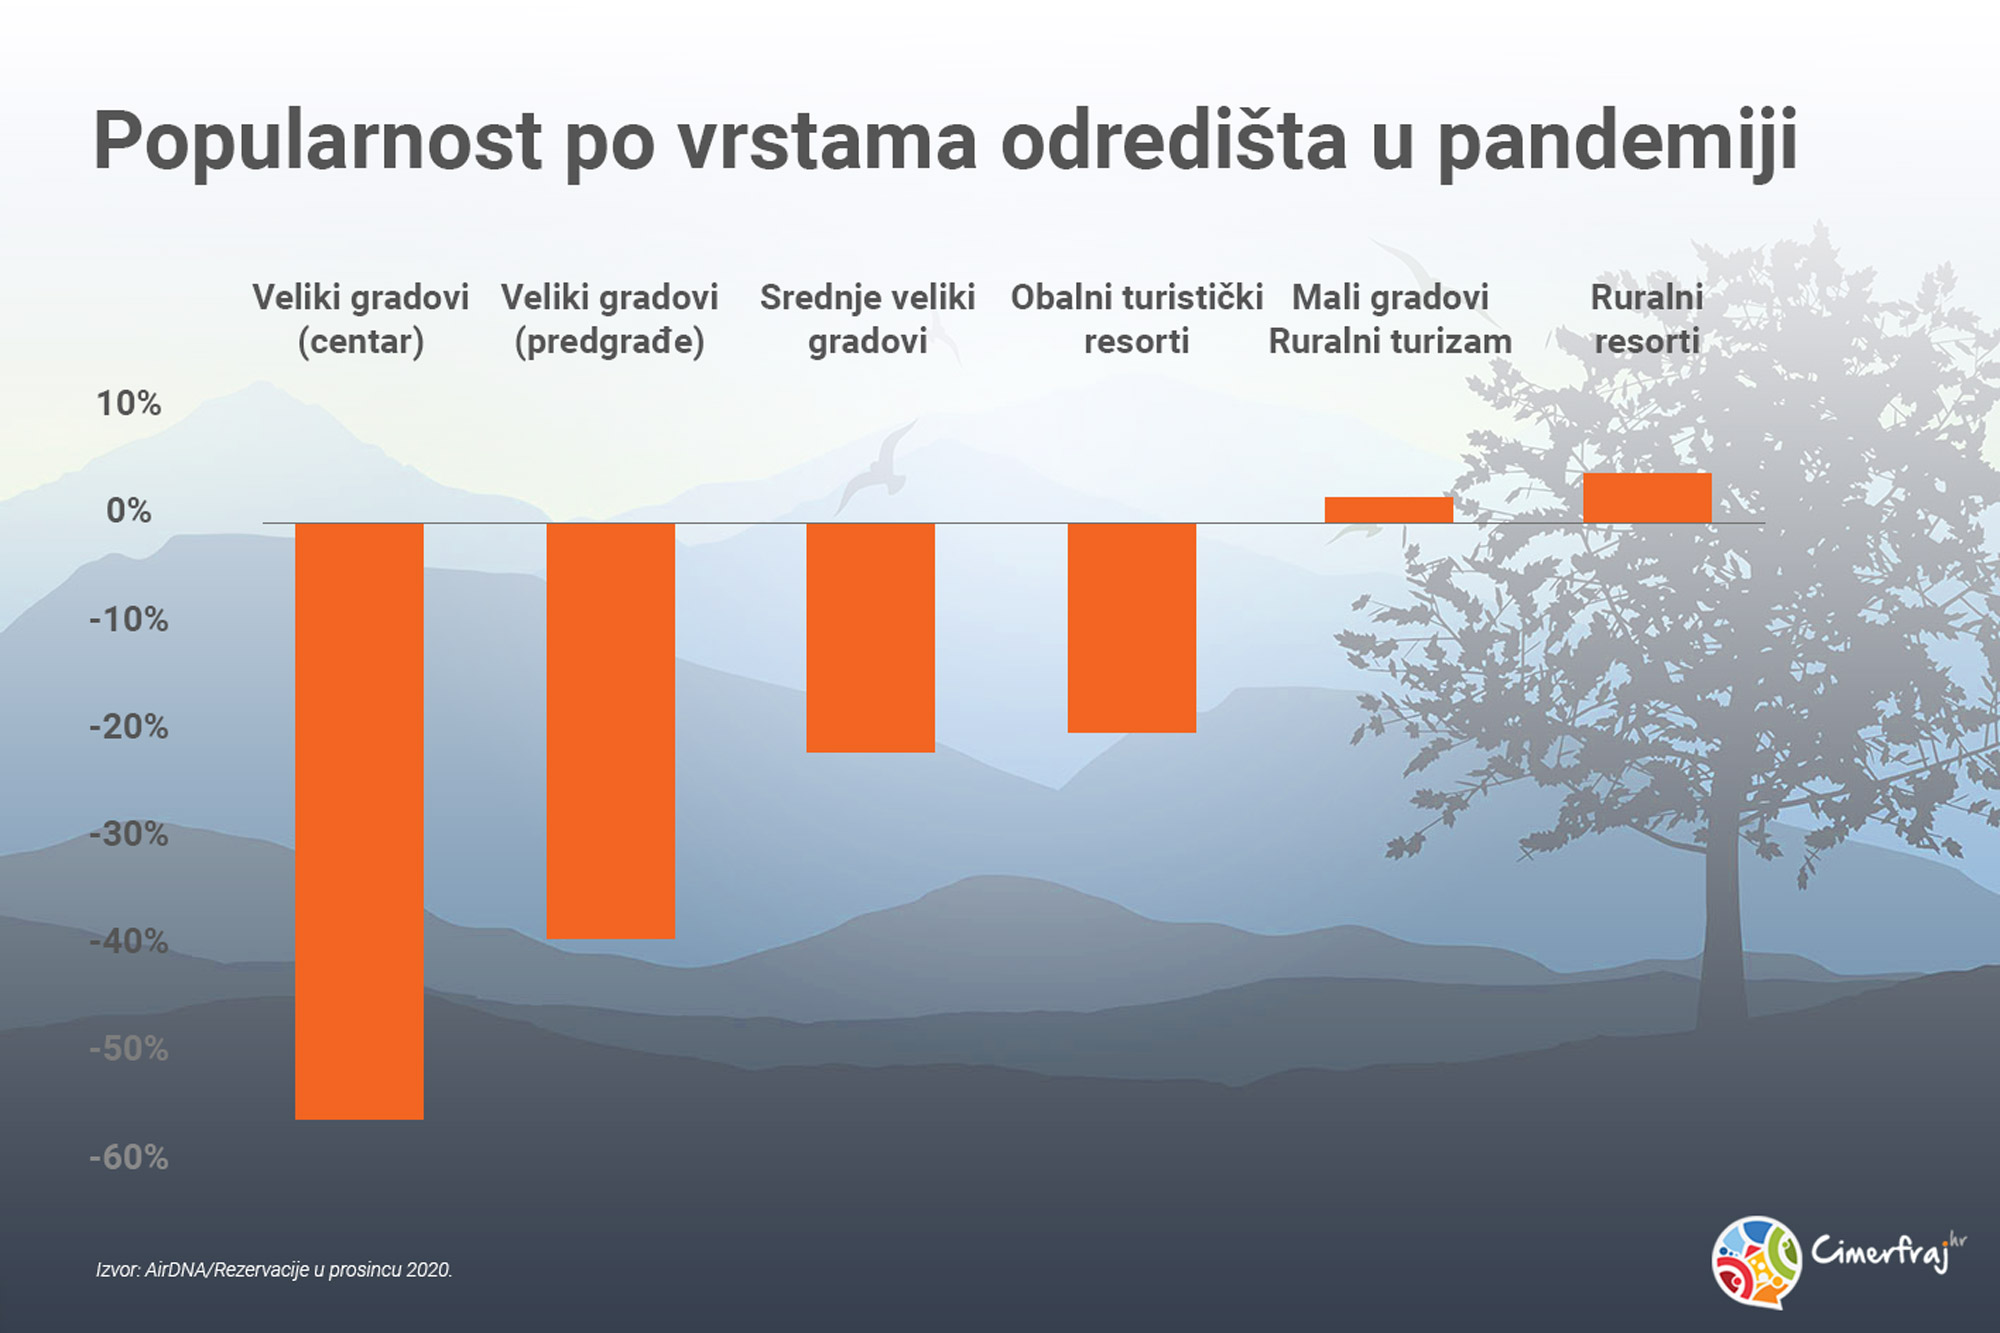 Popularnost po vrstama odredišta u pandemiji